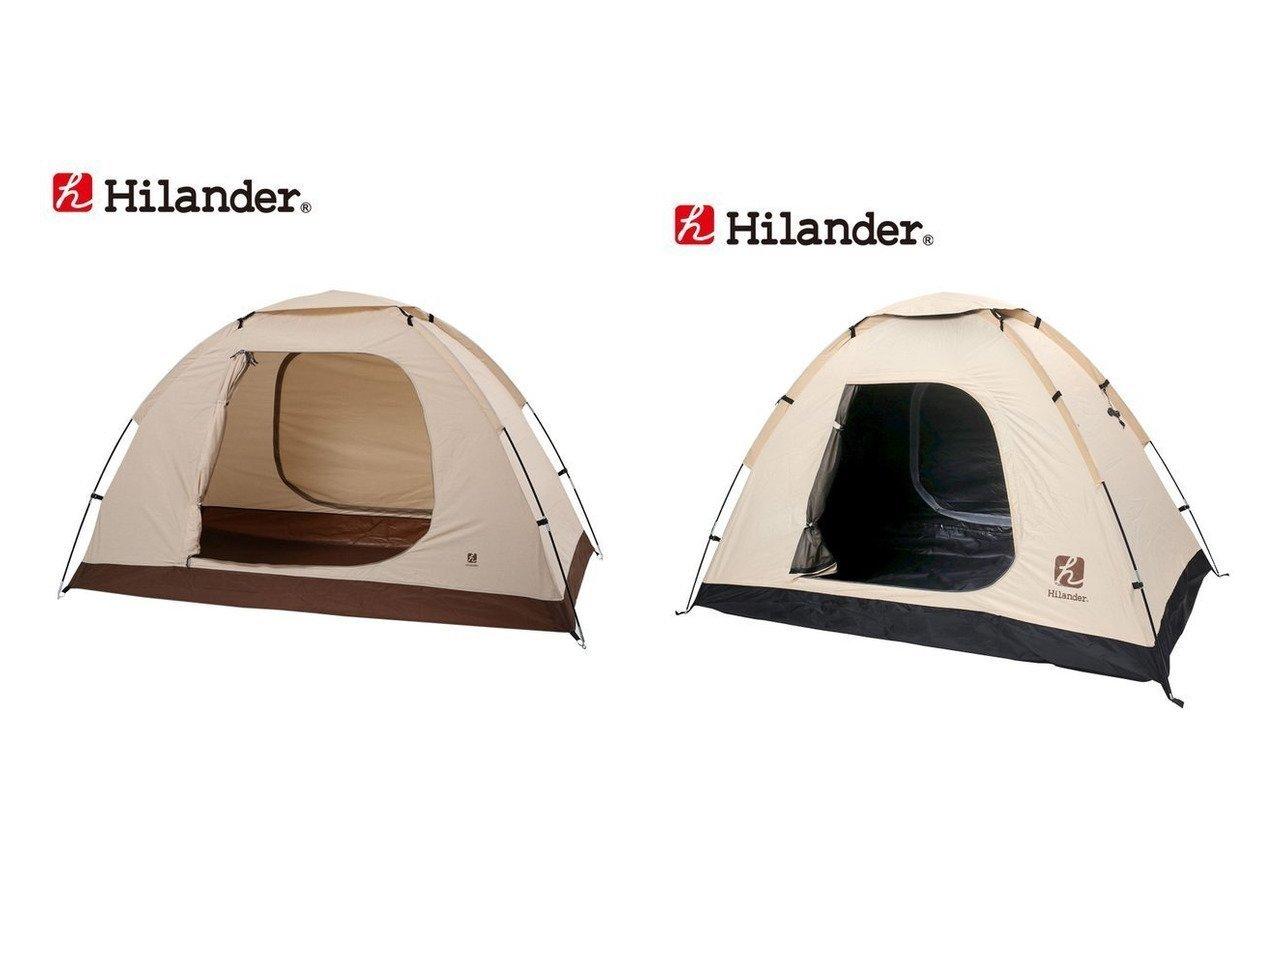 【Hilander/ハイランダー】の自立式インナーテント(遮光)&自立式インナーテント(ポリコットン) 【テント】おすすめ!人気キャンプ・アウトドア用品の通販 おすすめで人気の流行・トレンド、ファッションの通販商品 インテリア・家具・メンズファッション・キッズファッション・レディースファッション・服の通販 founy(ファニー) https://founy.com/ インナー コーティング メッシュ ホーム・キャンプ・アウトドア Home,Garden,Outdoor,Camping Gear キャンプ用品・アウトドア  Camping Gear & Outdoor Supplies テント タープ Tents, Tarp  ID:crp329100000051160